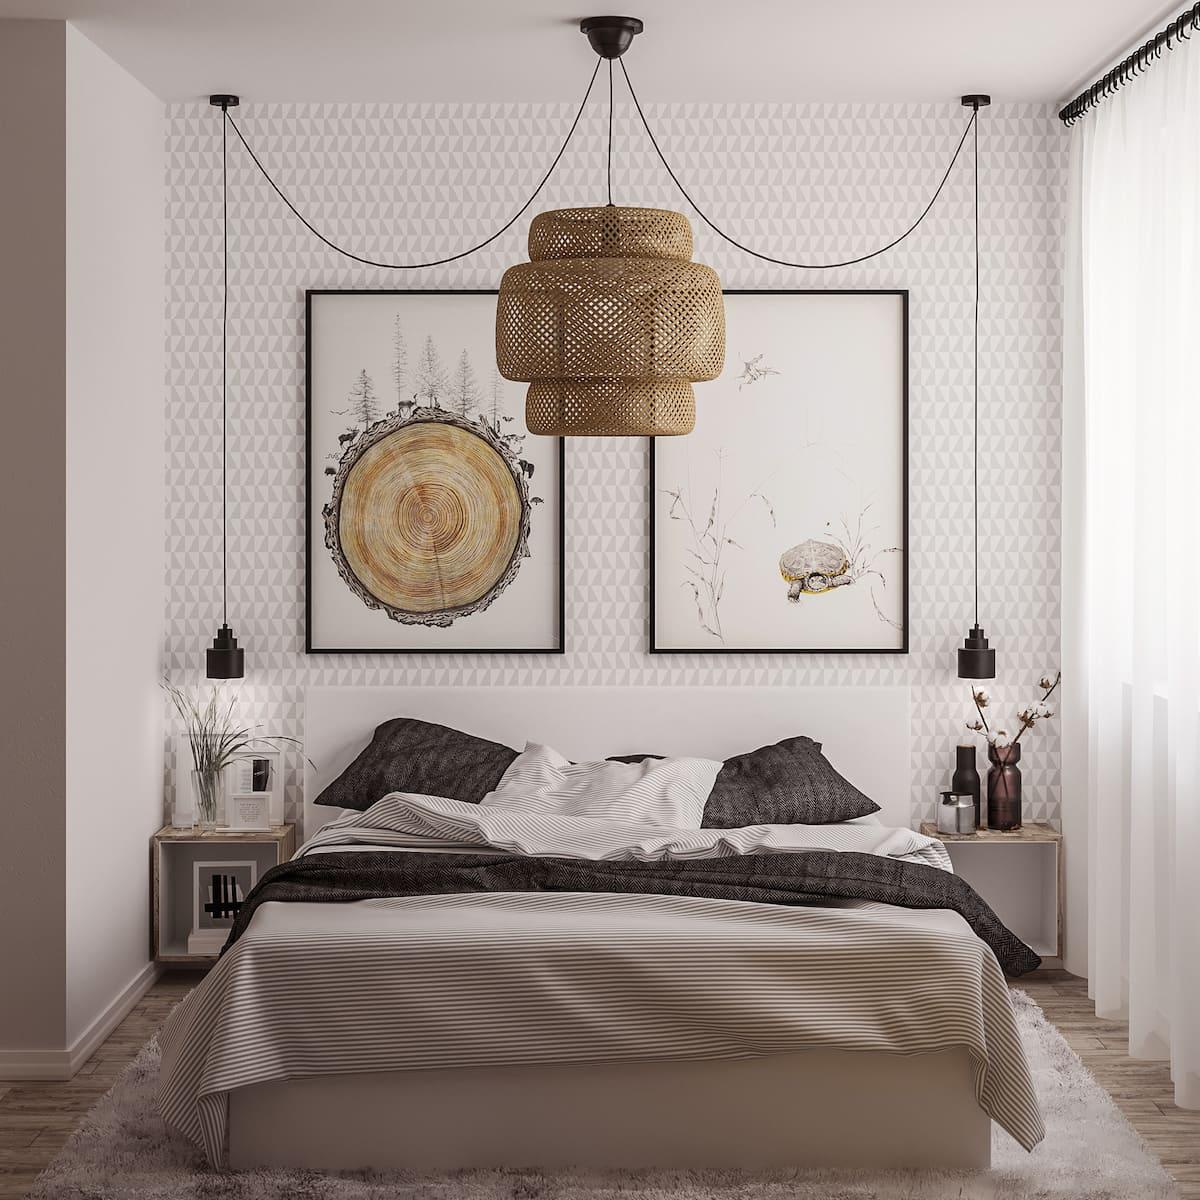 Intérieur de chambre à coucher blanchi à la chaux dans un style contemporain